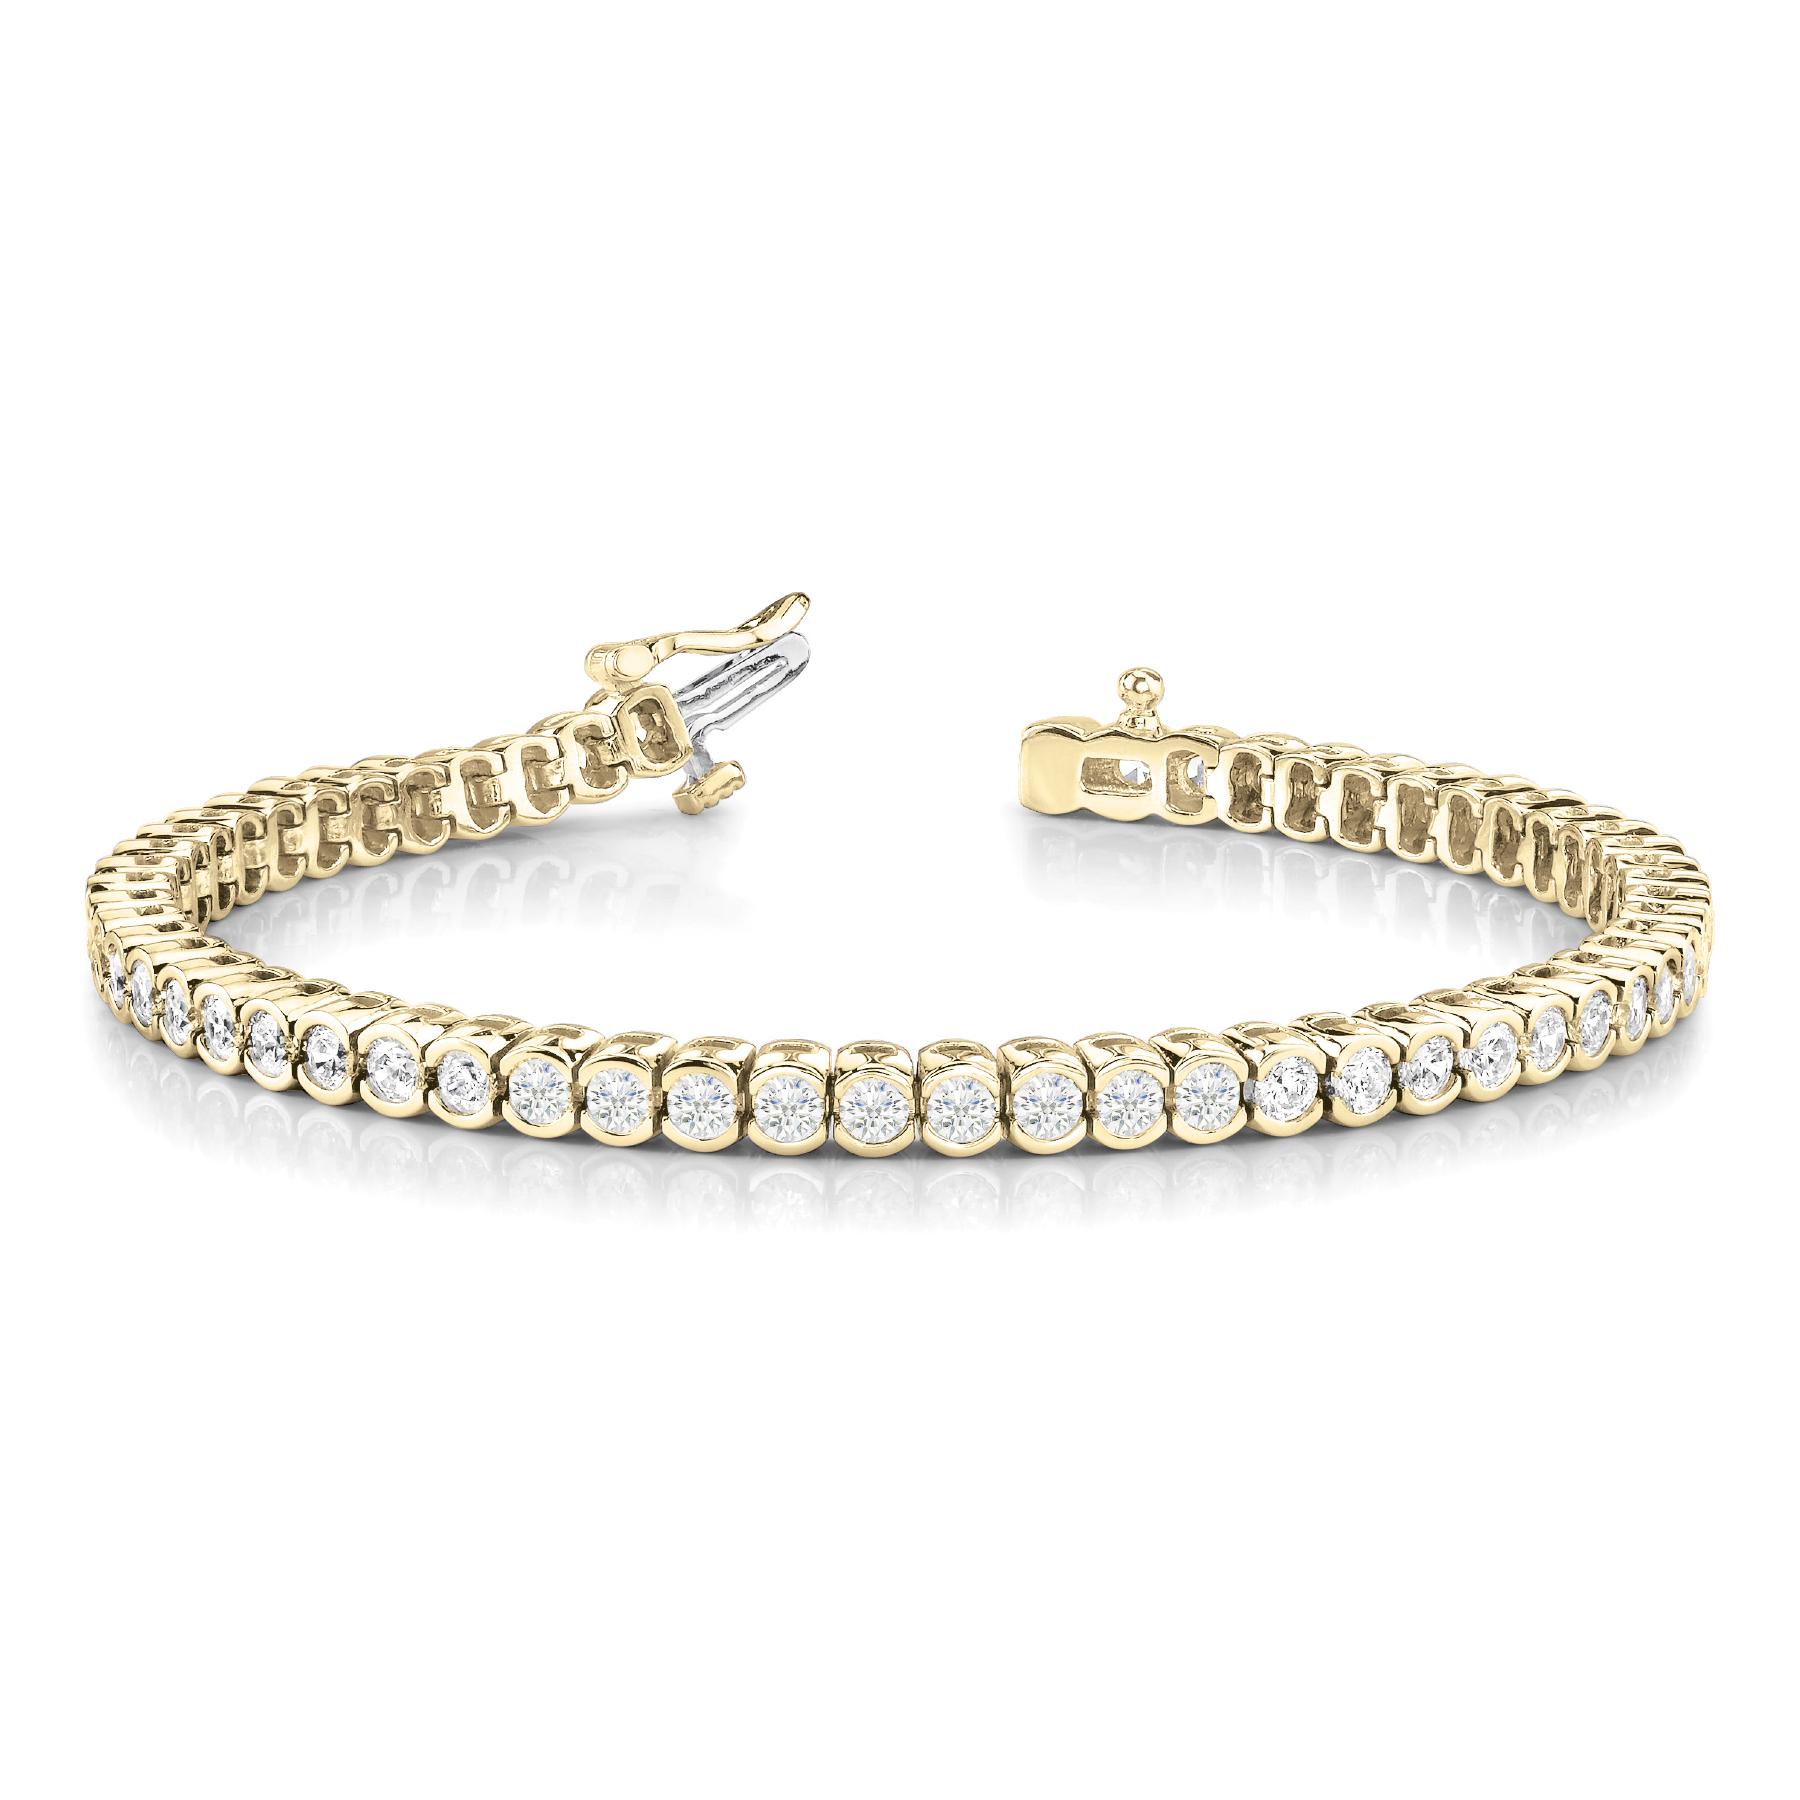 18k-yellow-gold-bezel-set-tennis-diamond-bracelet-70019-2